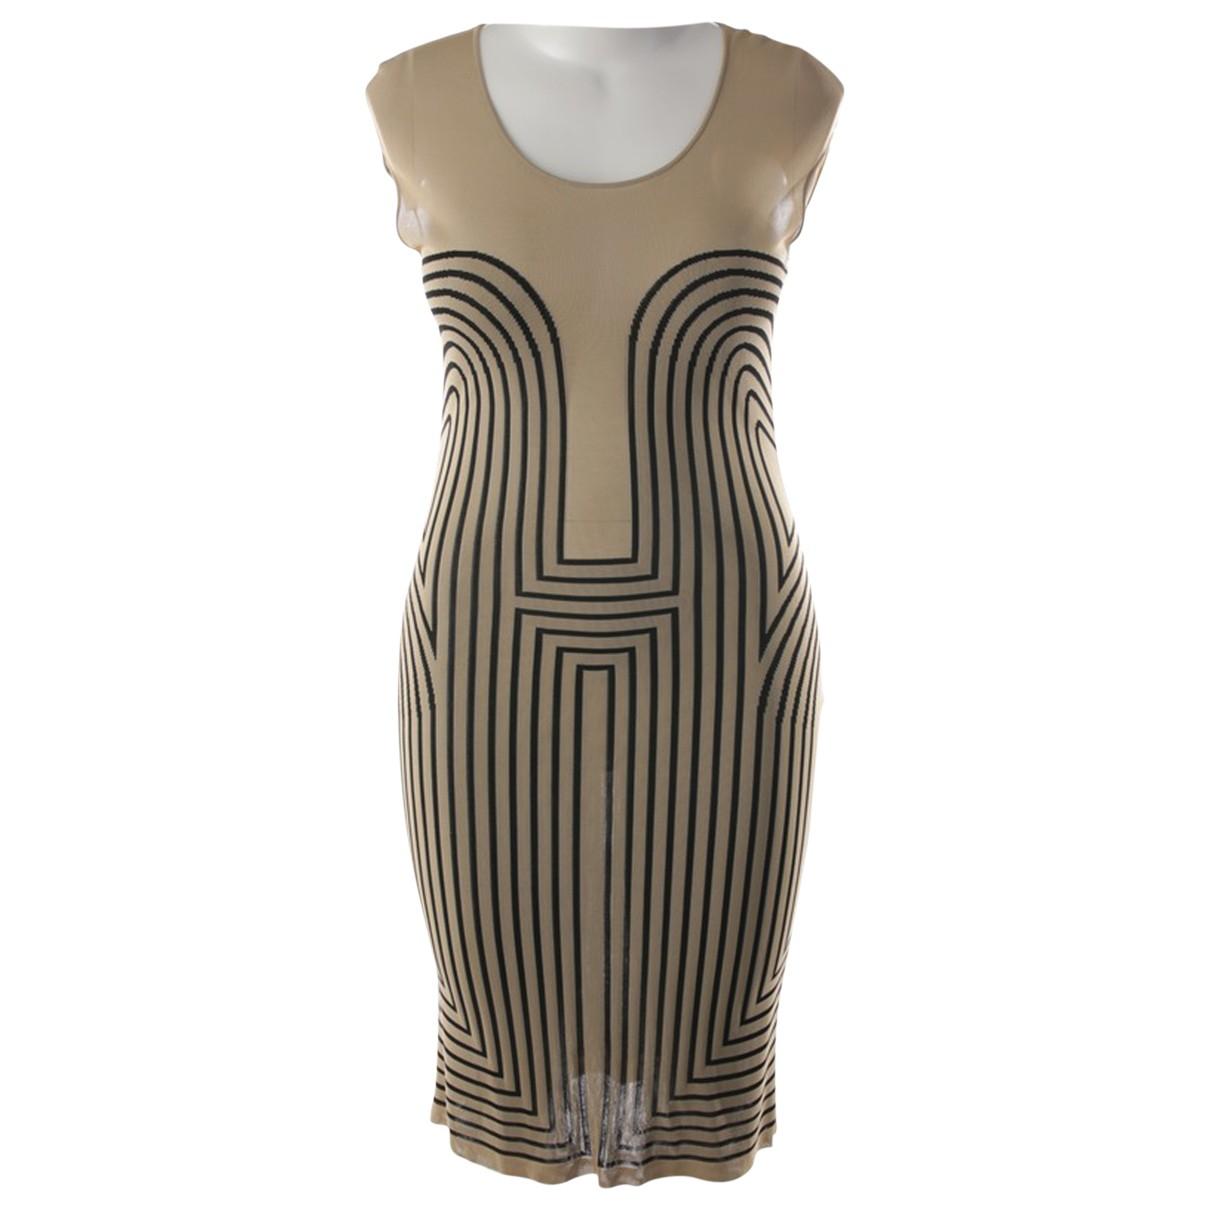 Alexander Mcqueen \N Beige dress for Women XL International